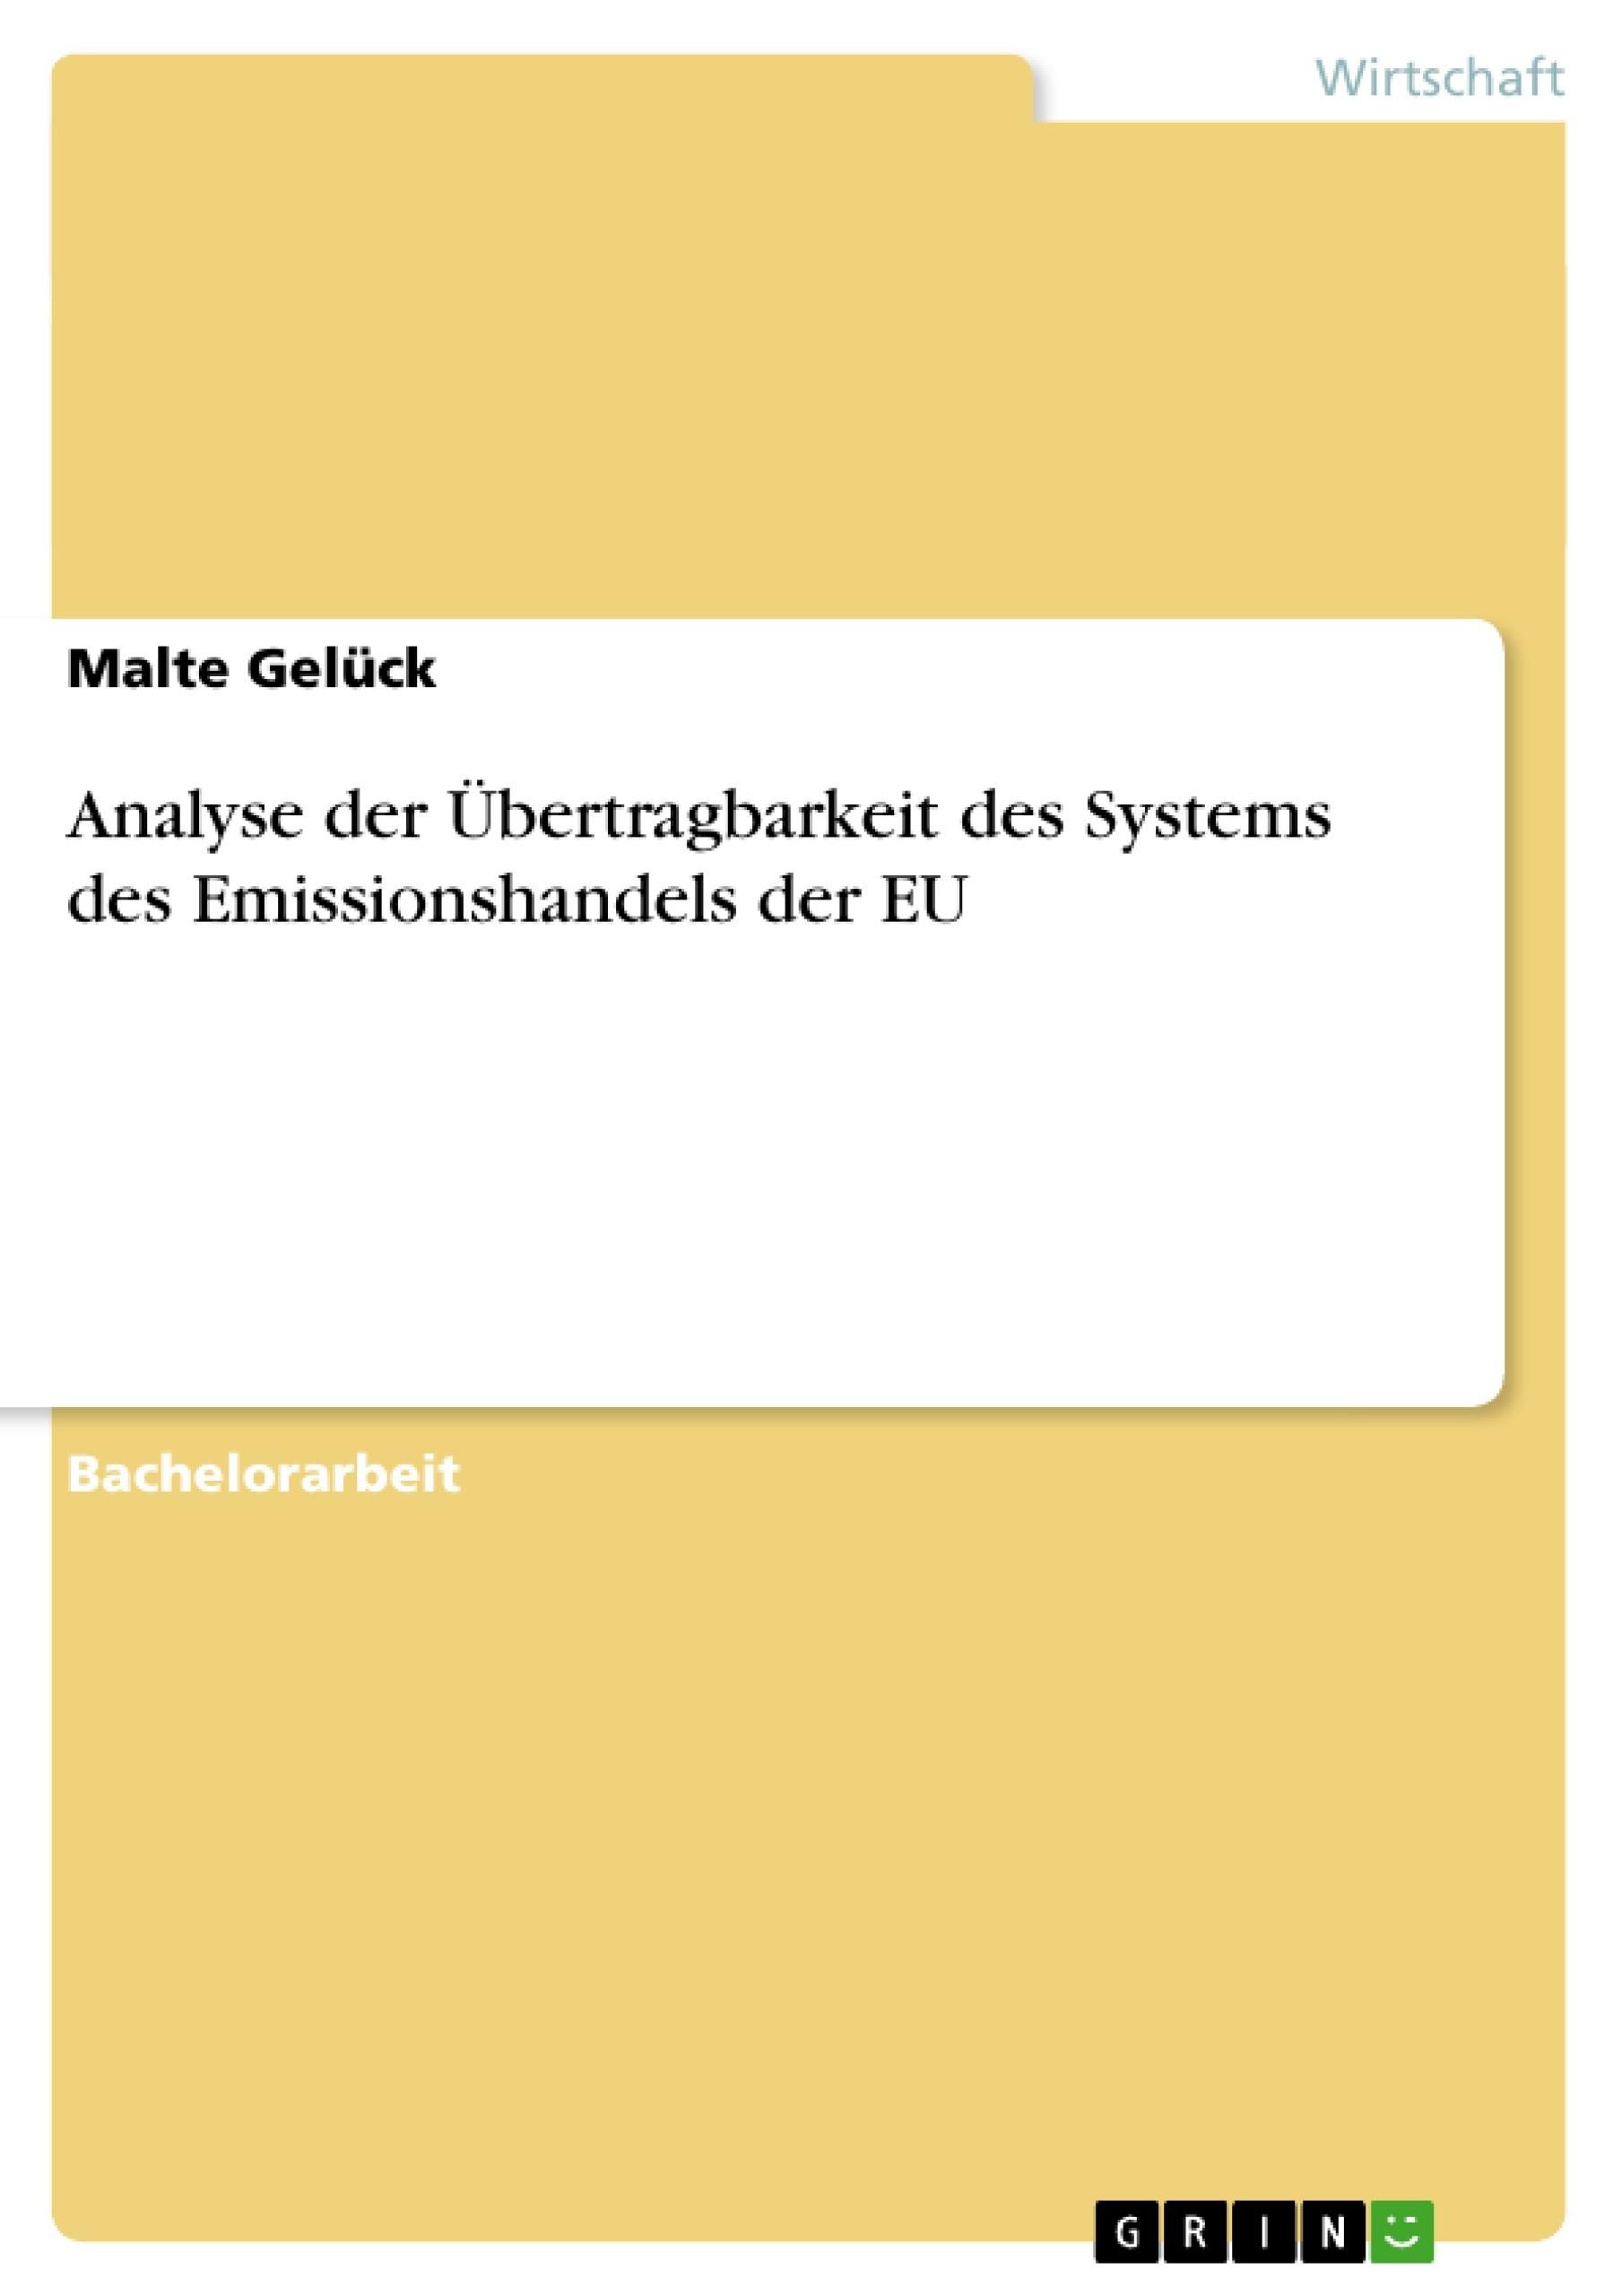 Titel: Analyse der Übertragbarkeit des Systems des Emissionshandels der EU